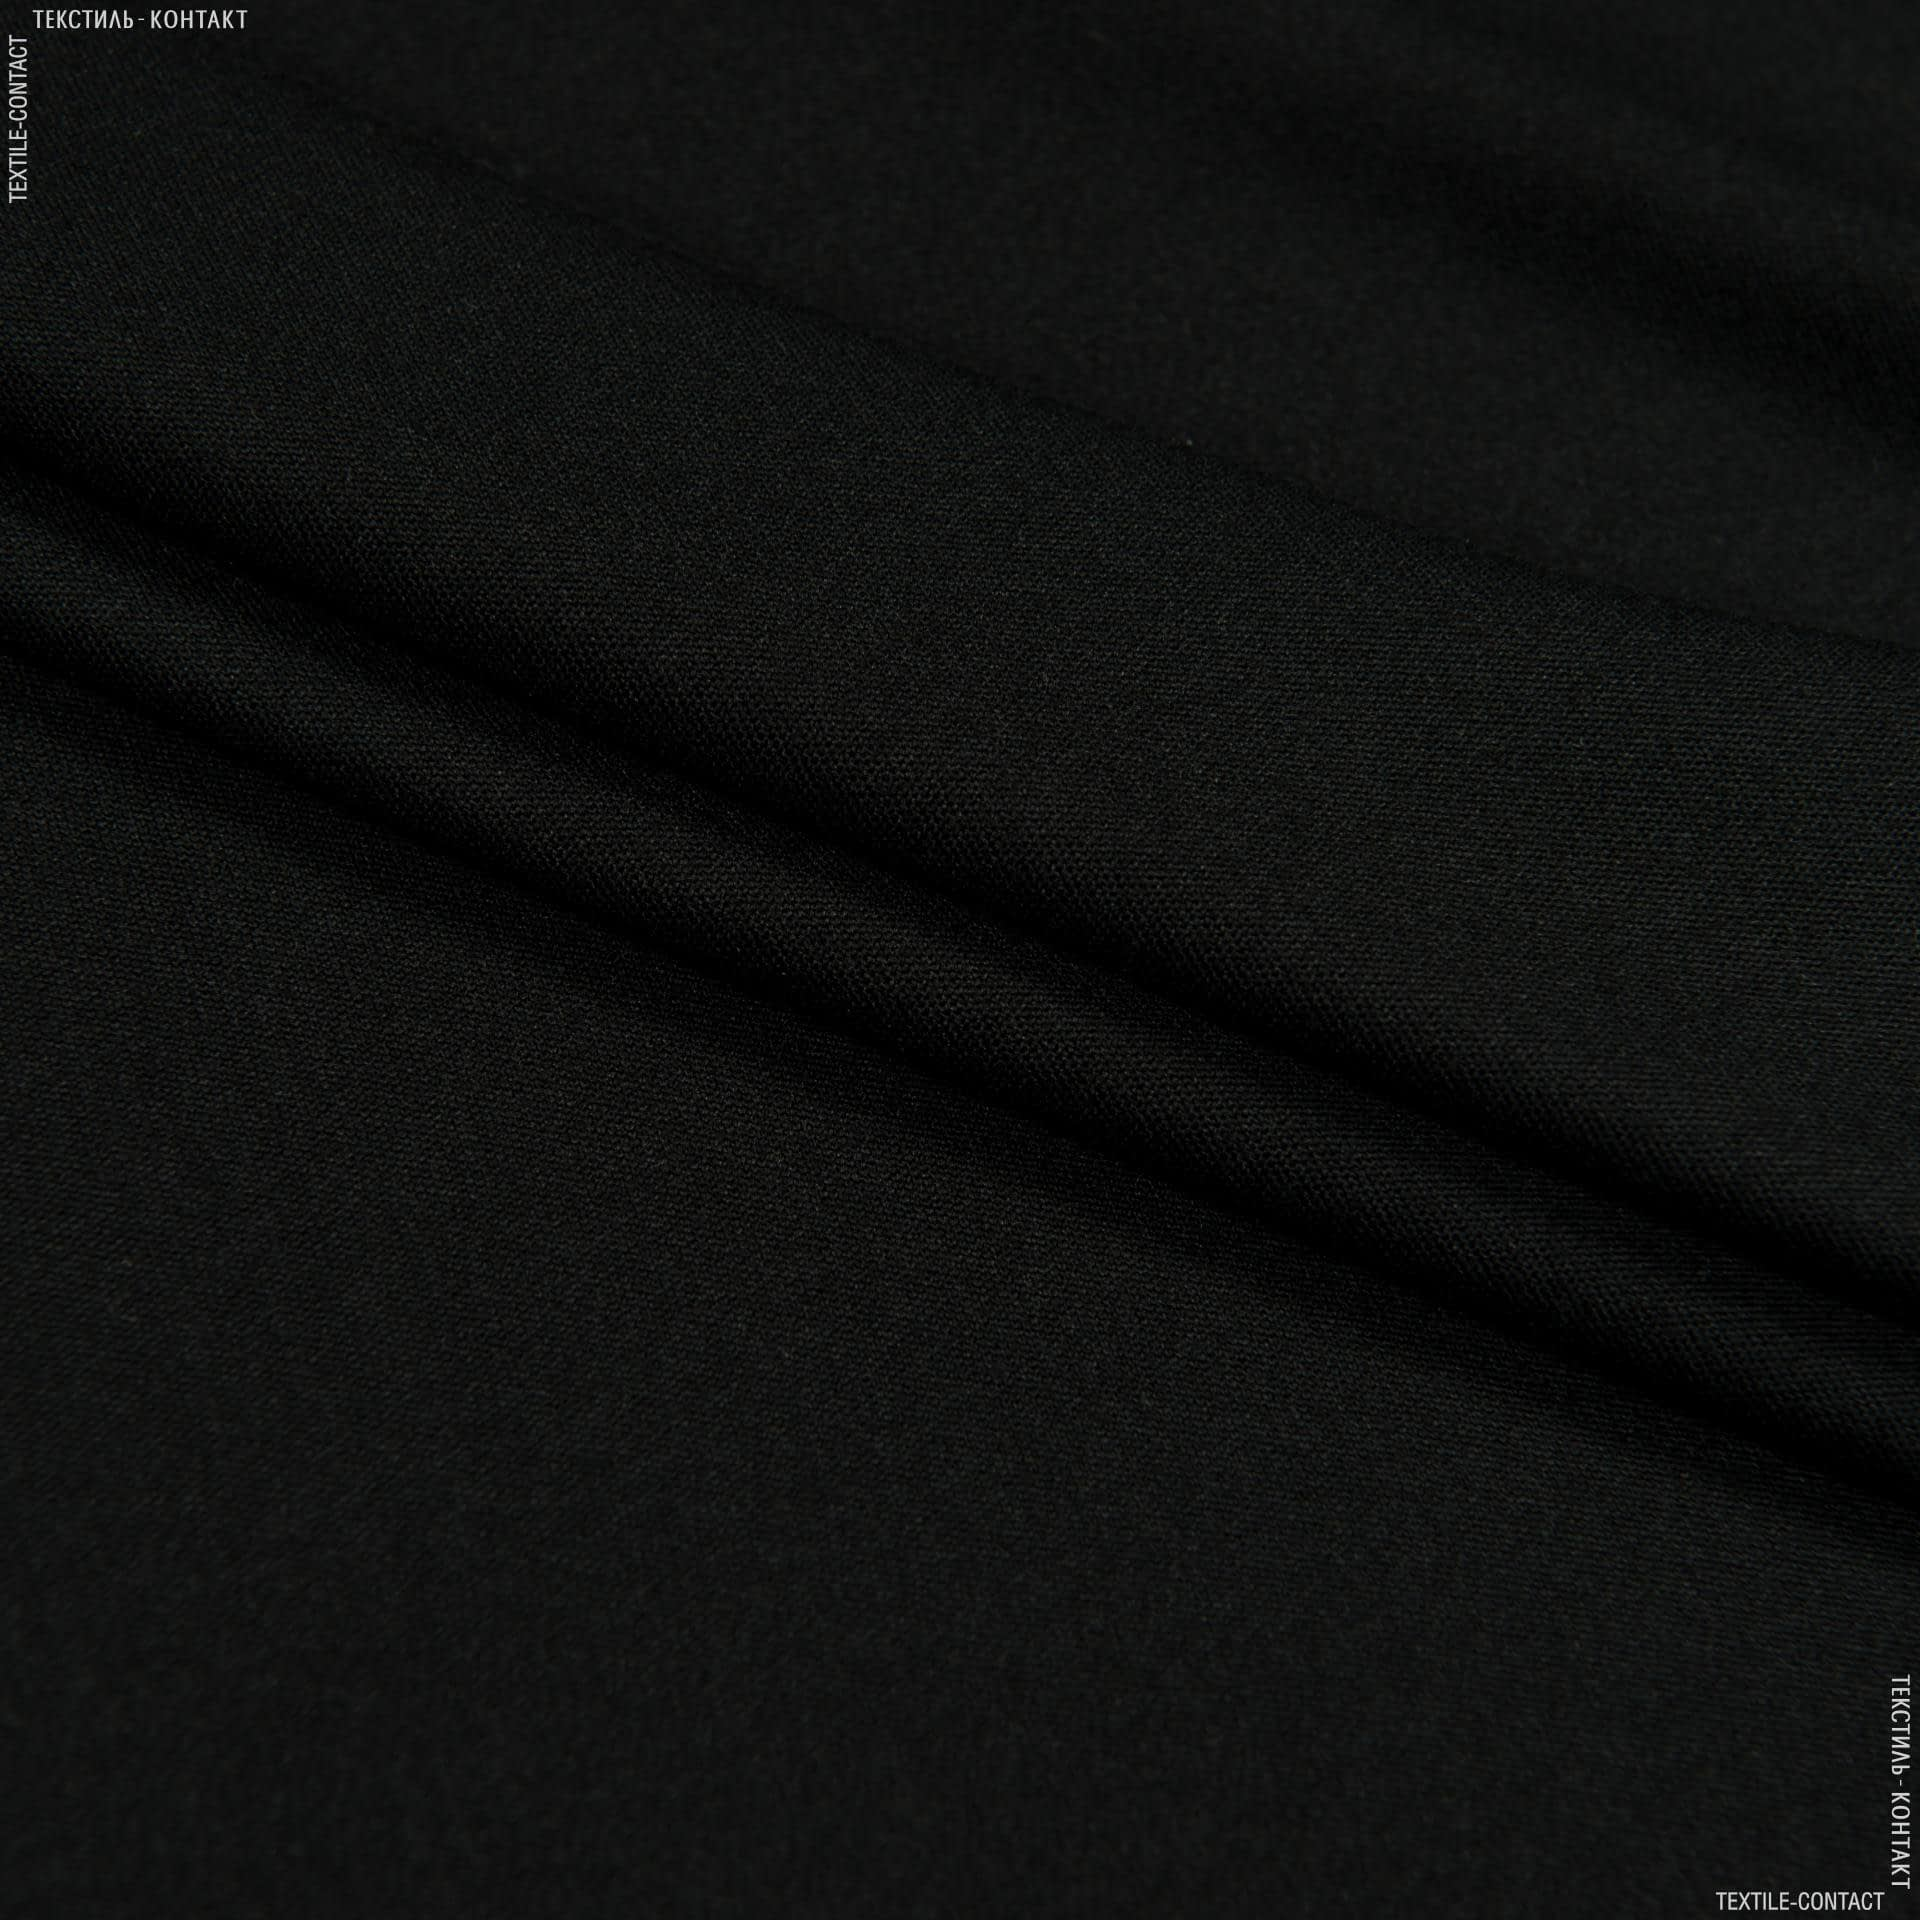 Ткани для спортивной одежды - Микродайвинг черный